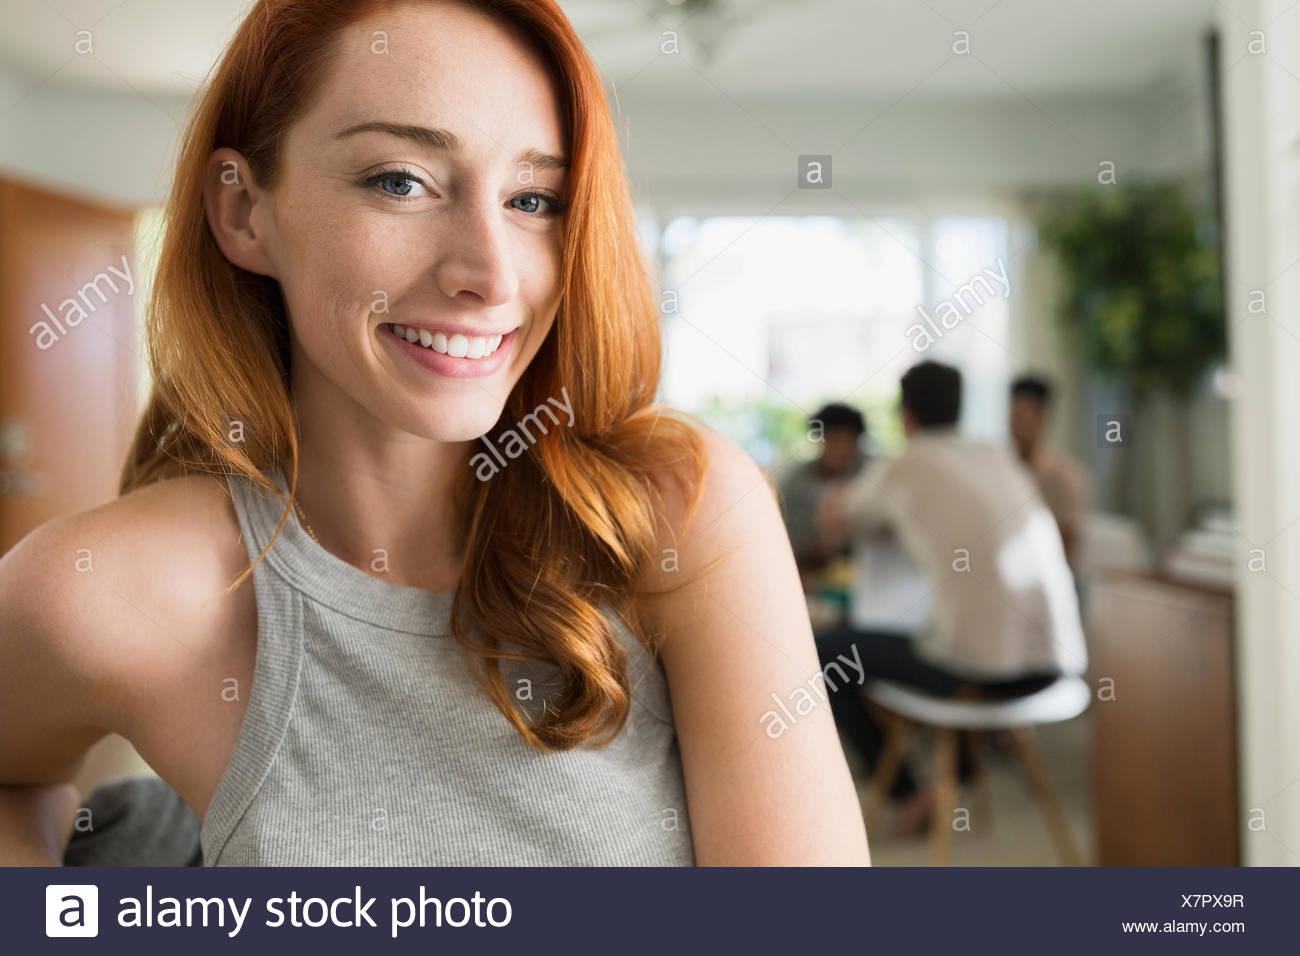 Porträt lächelnde Frau mit roten Haaren Stockbild